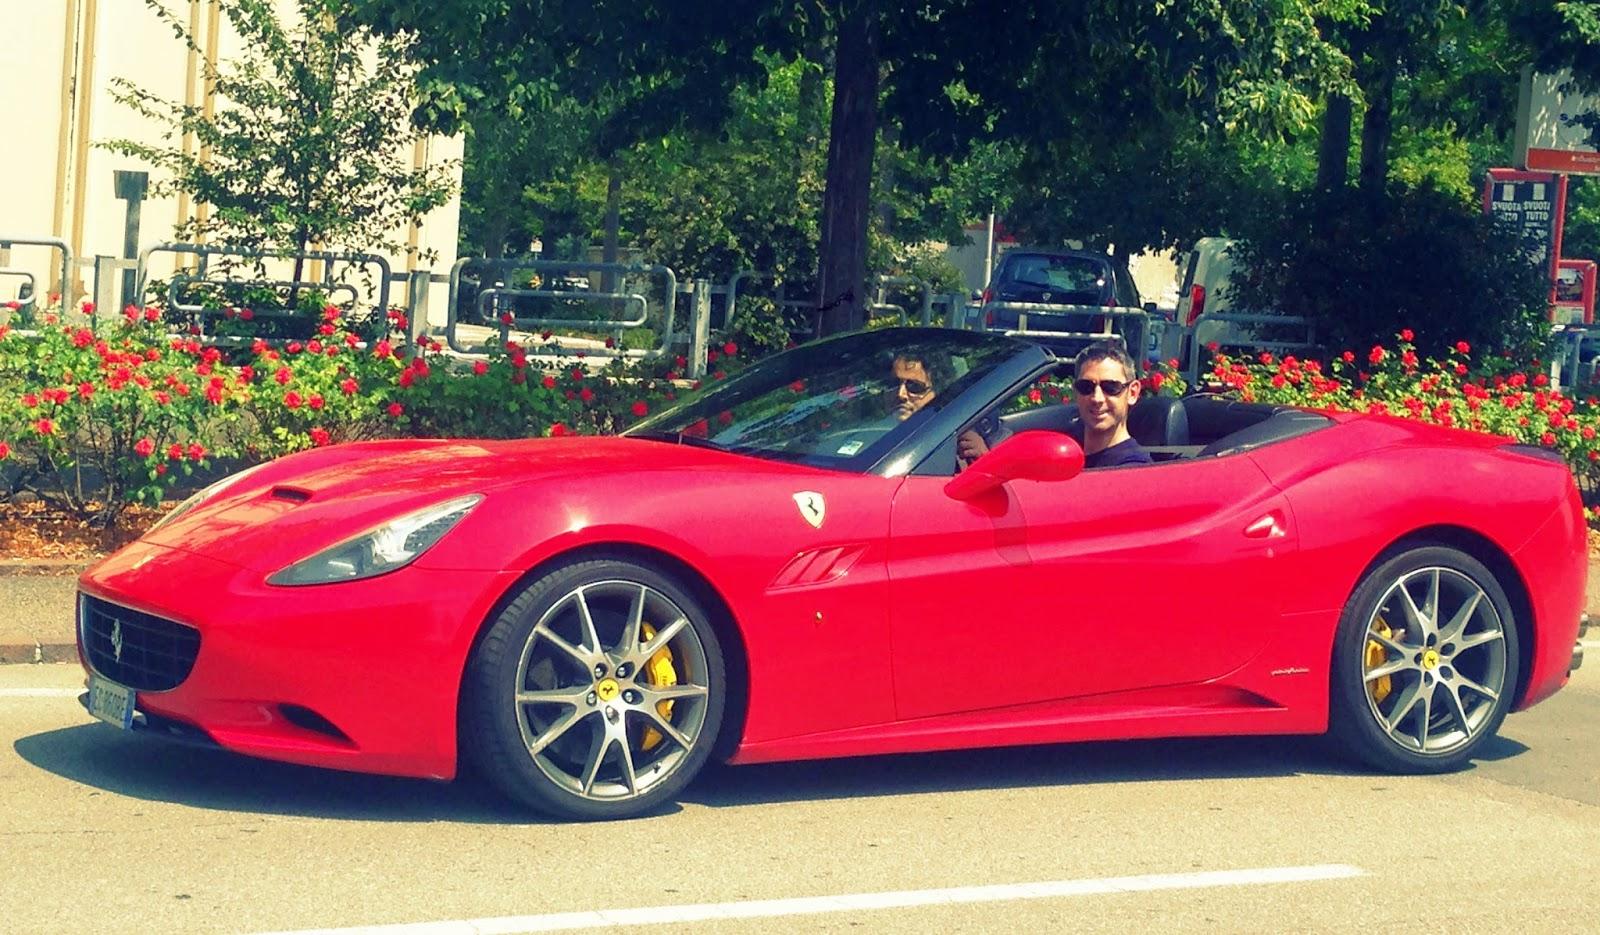 Ferrari California, Maranello, Italy